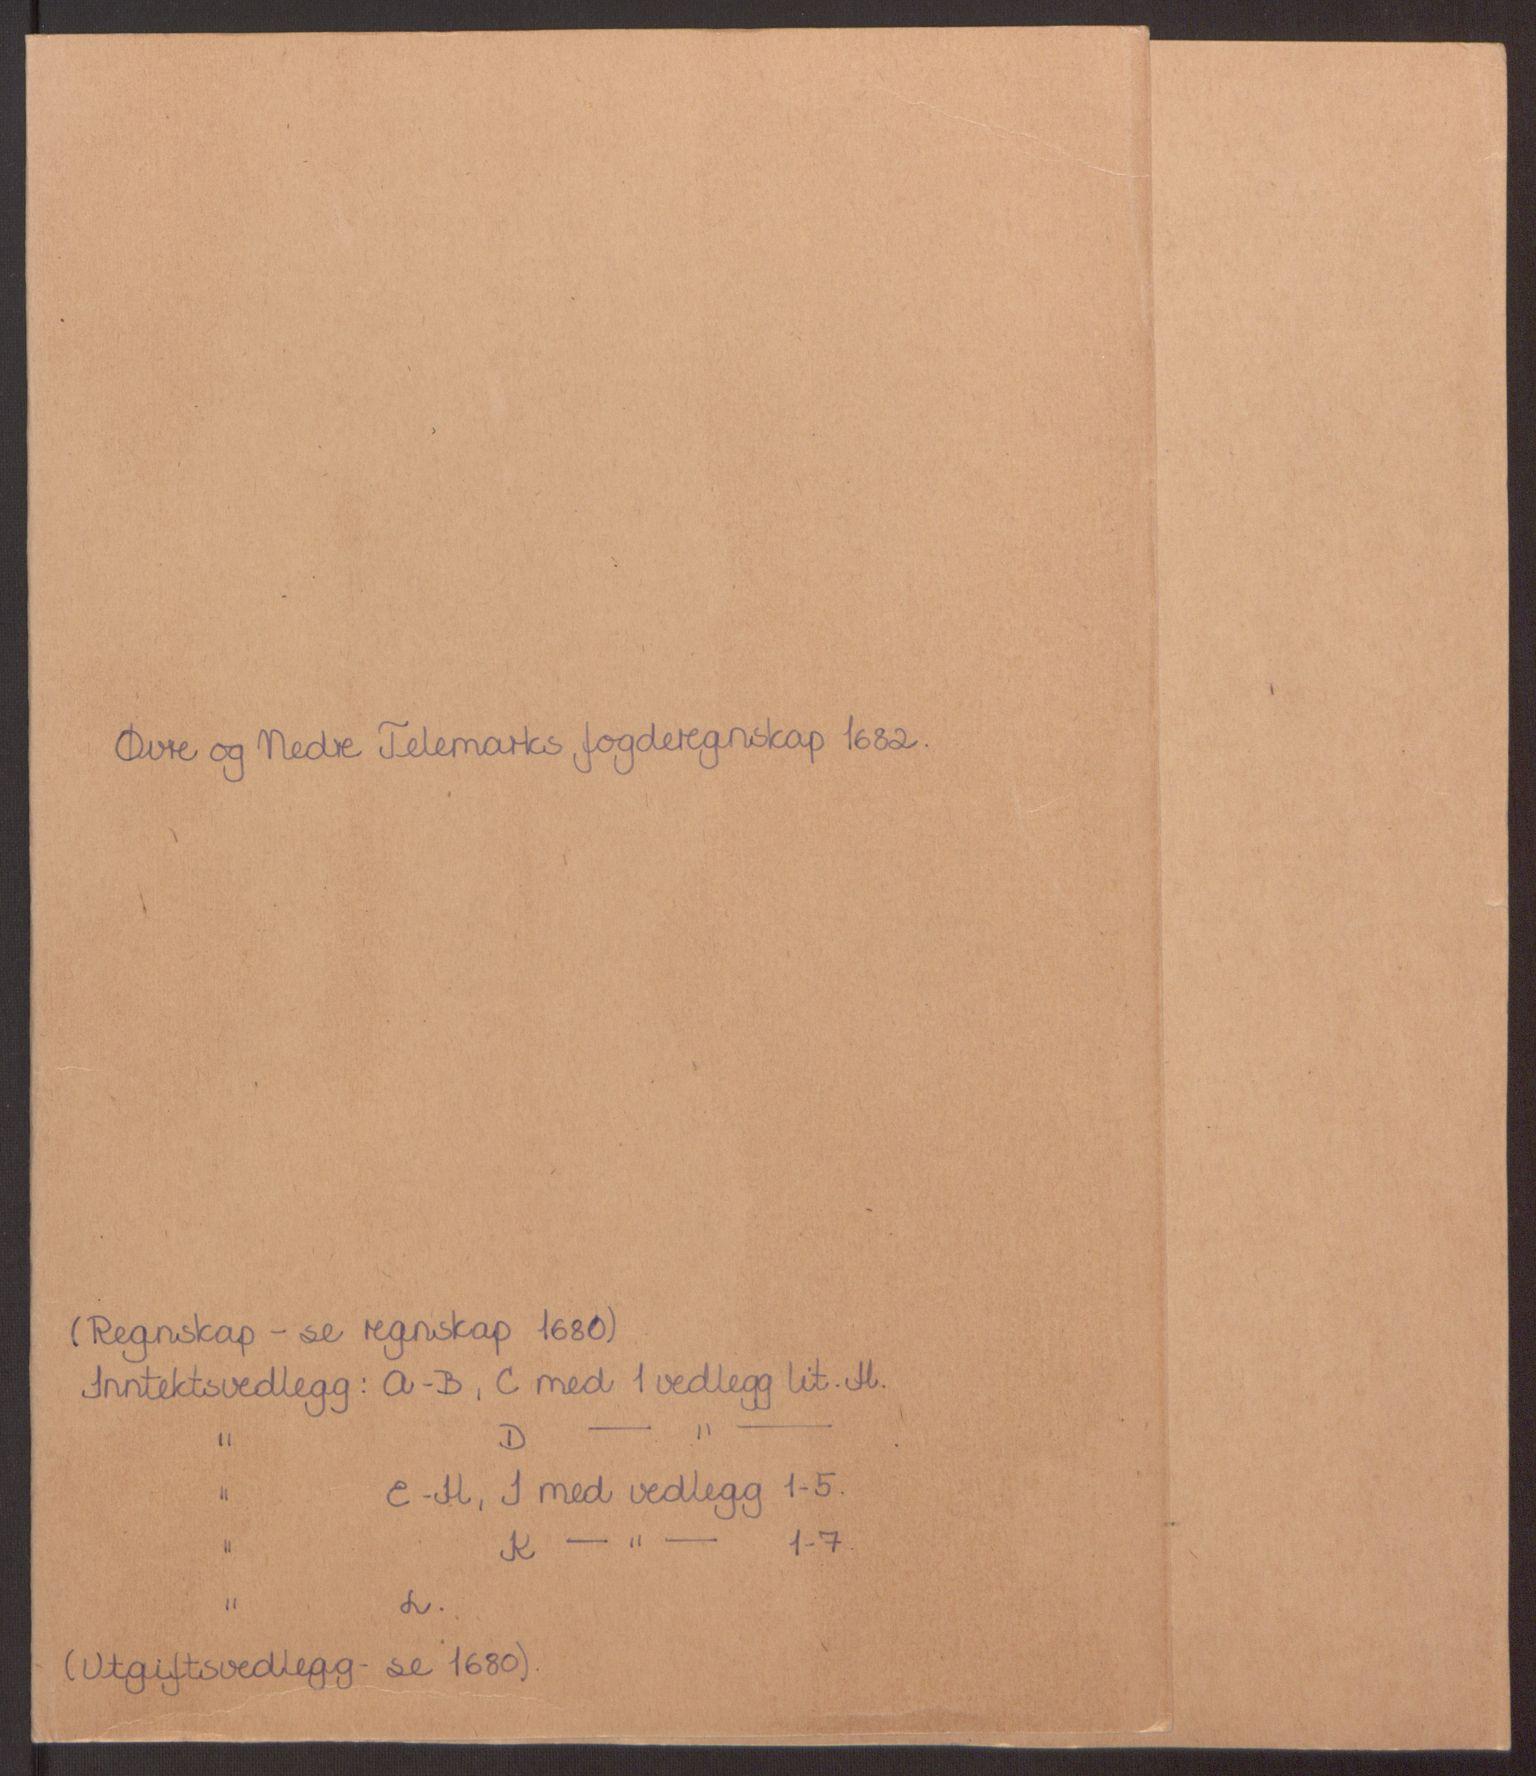 RA, Rentekammeret inntil 1814, Reviderte regnskaper, Fogderegnskap, R35/L2078: Fogderegnskap Øvre og Nedre Telemark, 1680-1684, s. 2